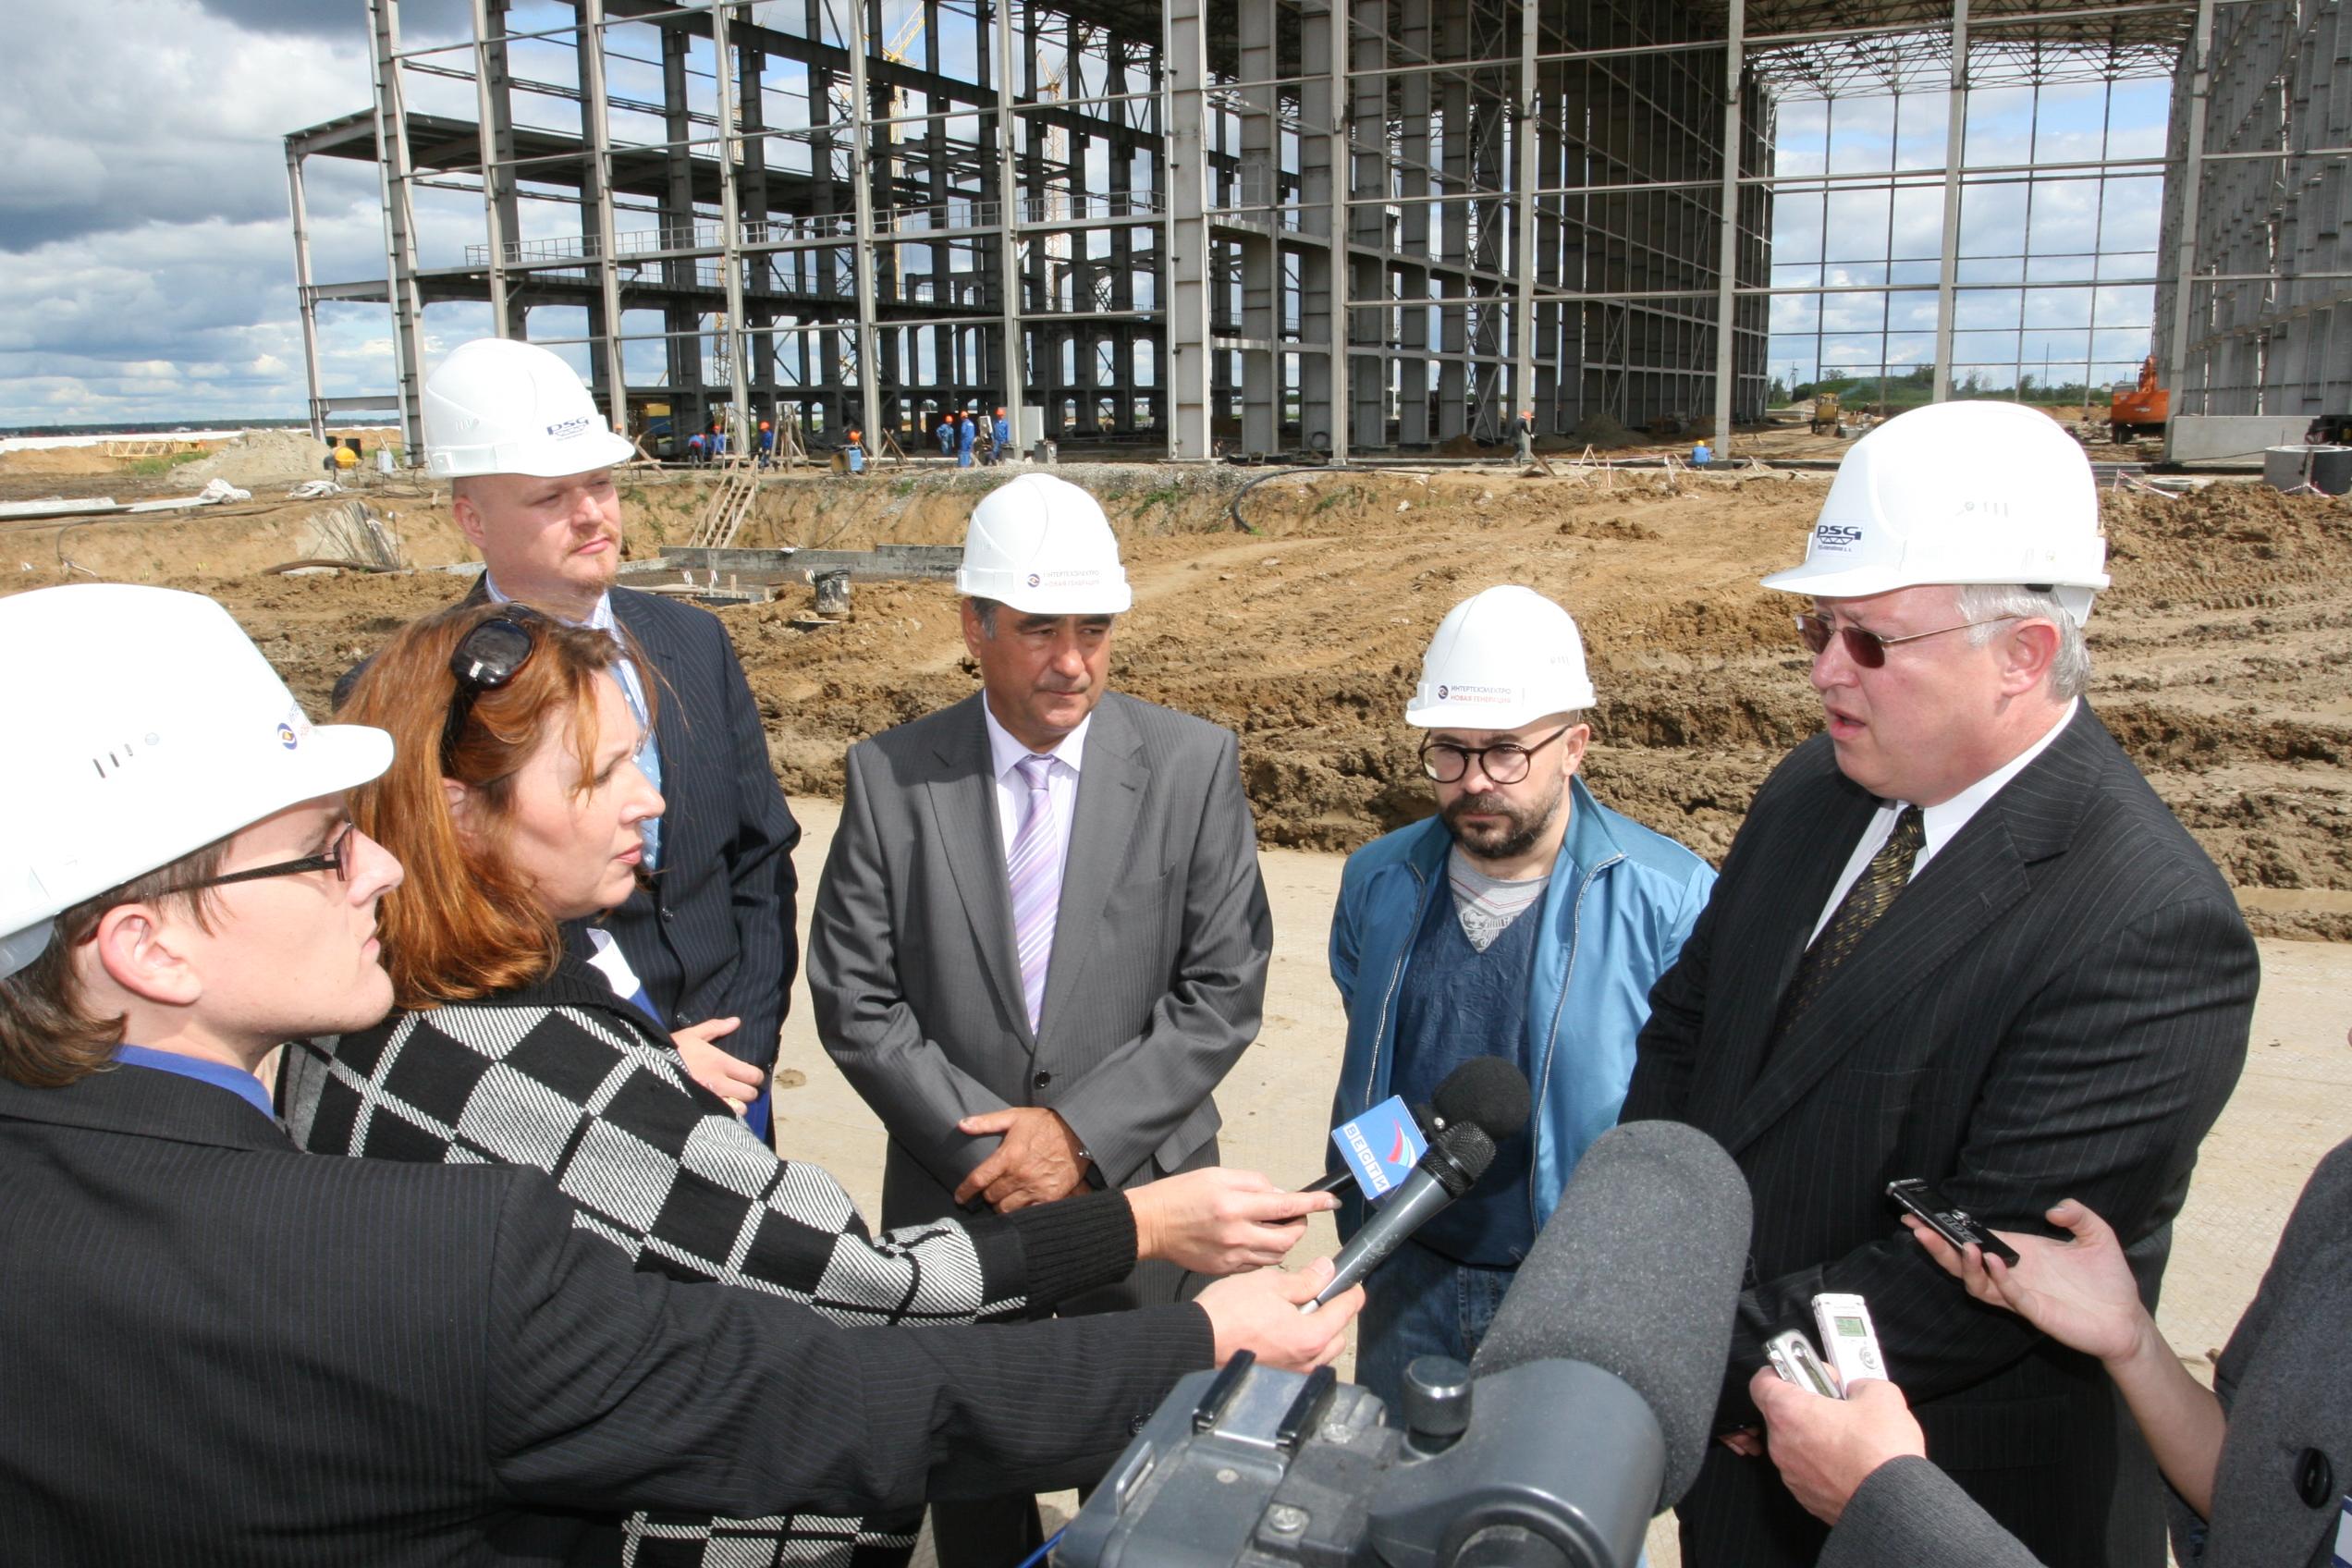 Округа дмитрий кобылкин в рамках рабочего визита в курганскую область посетил площадку строительства тэц-2